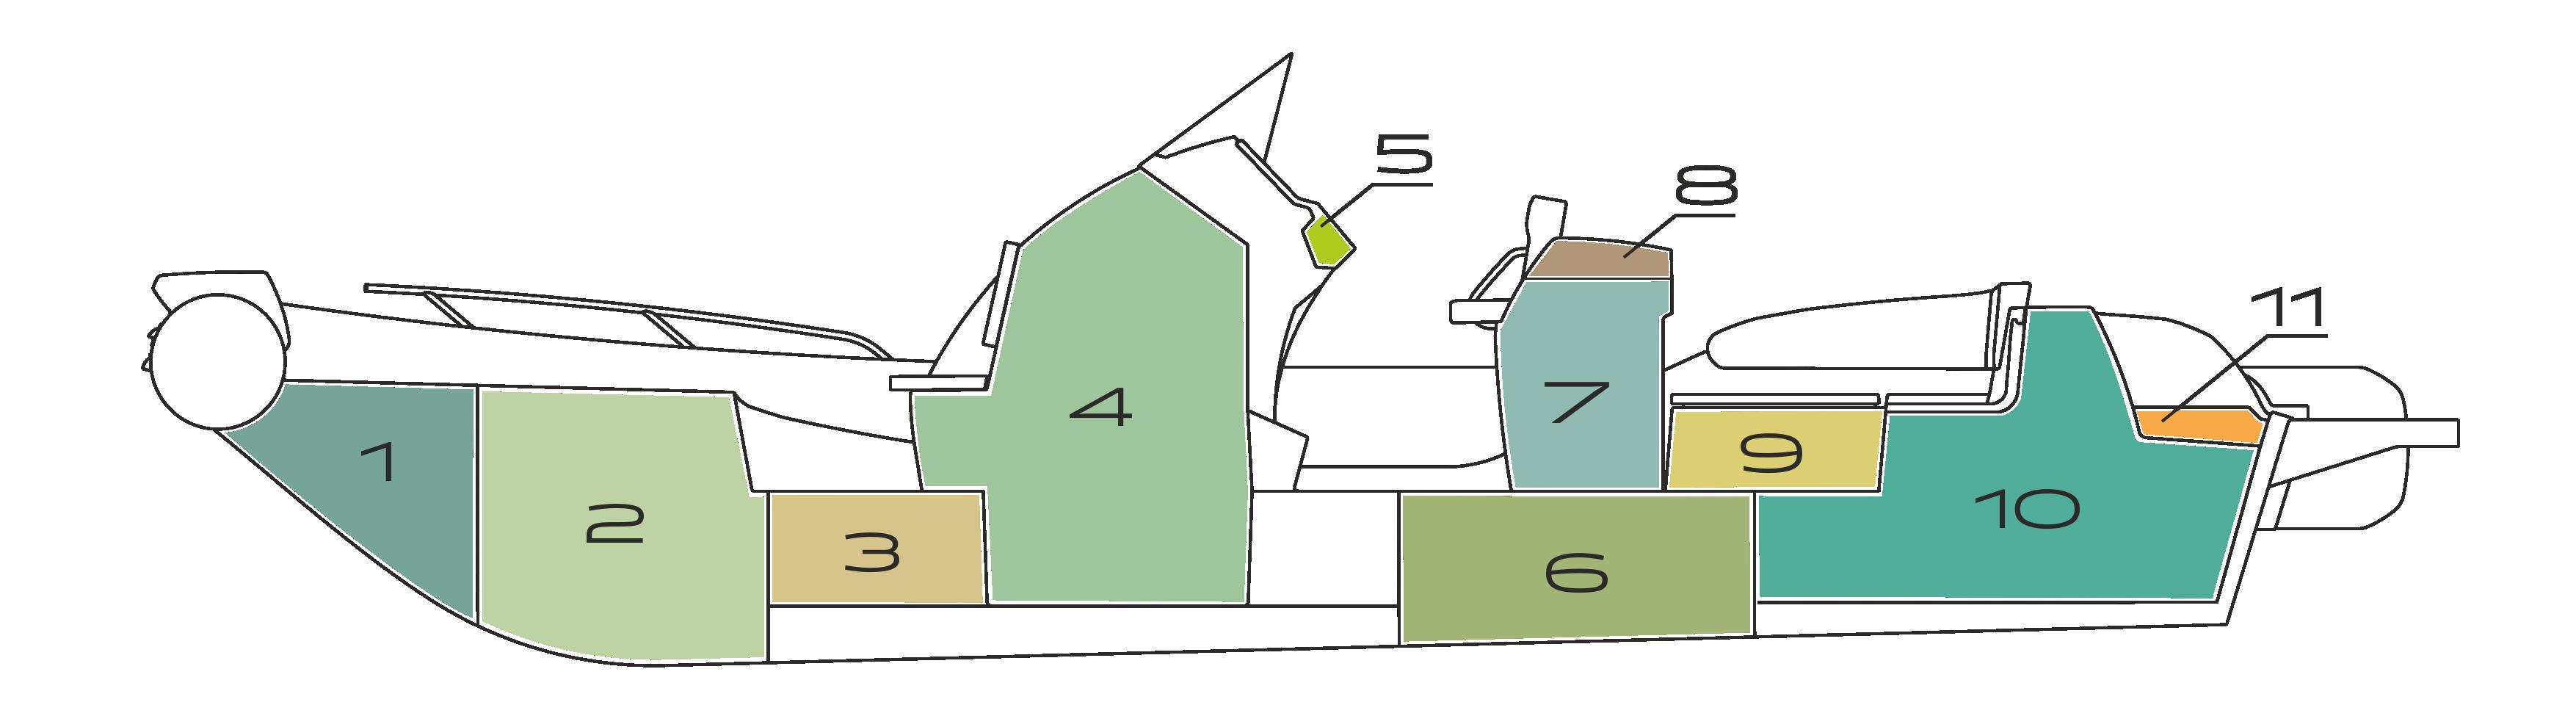 Схема отсеков надувной лодки с жестким дном GRAND Golden Line G500